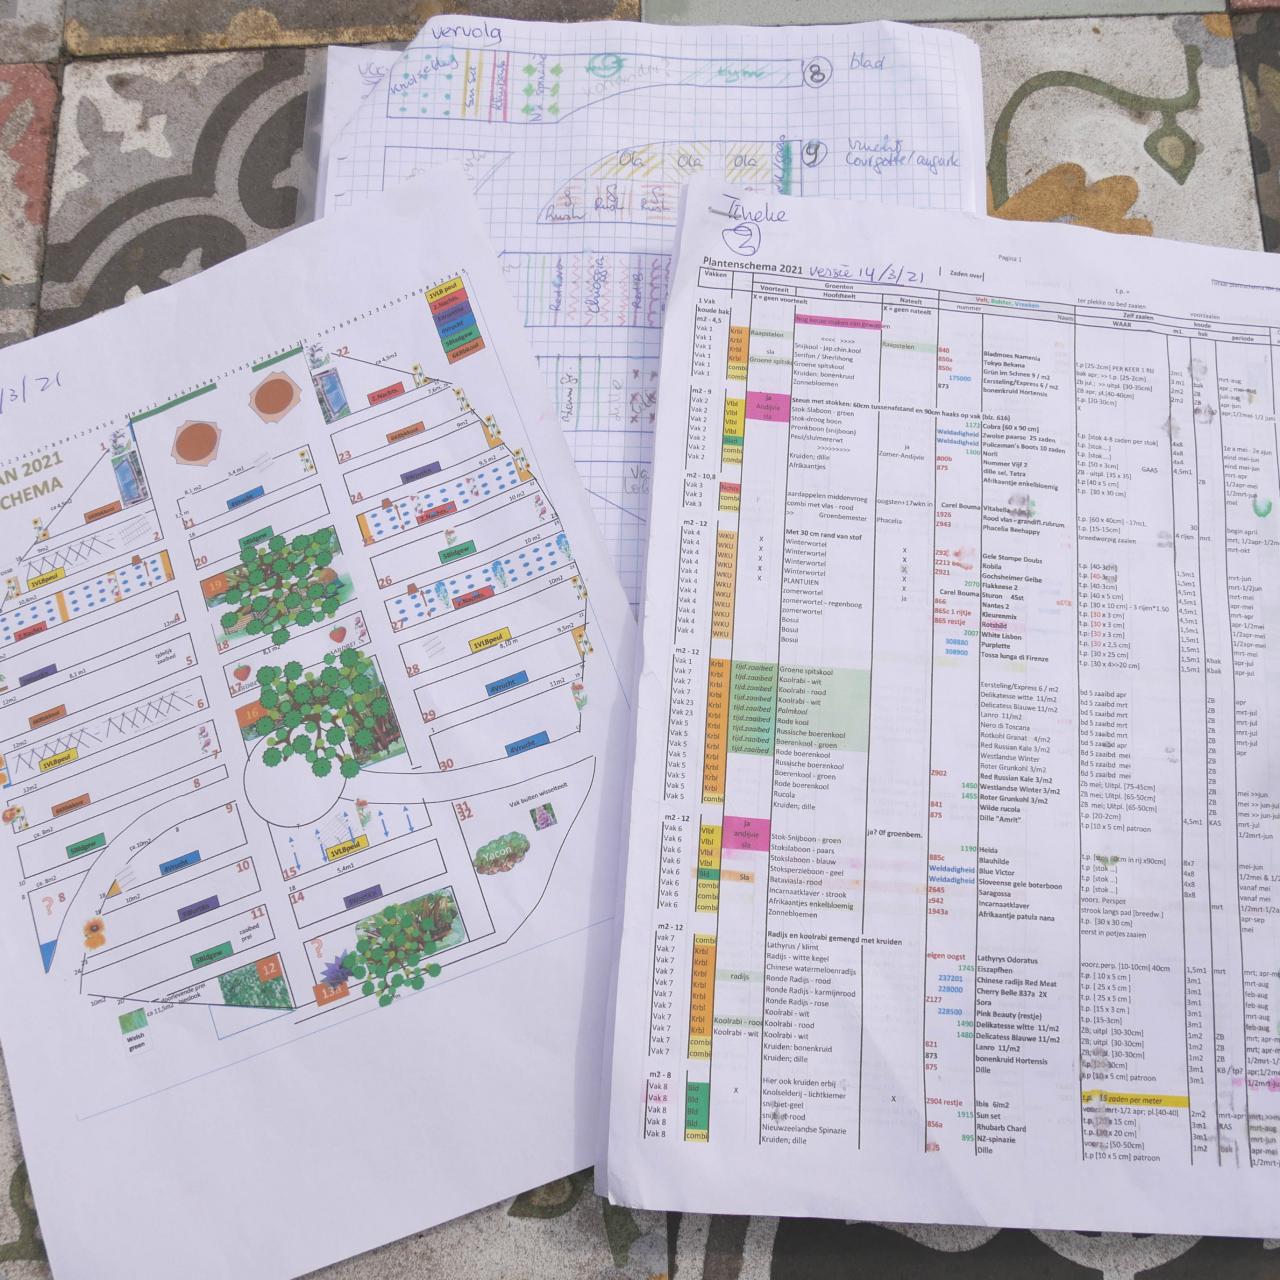 De plattegrond en planning